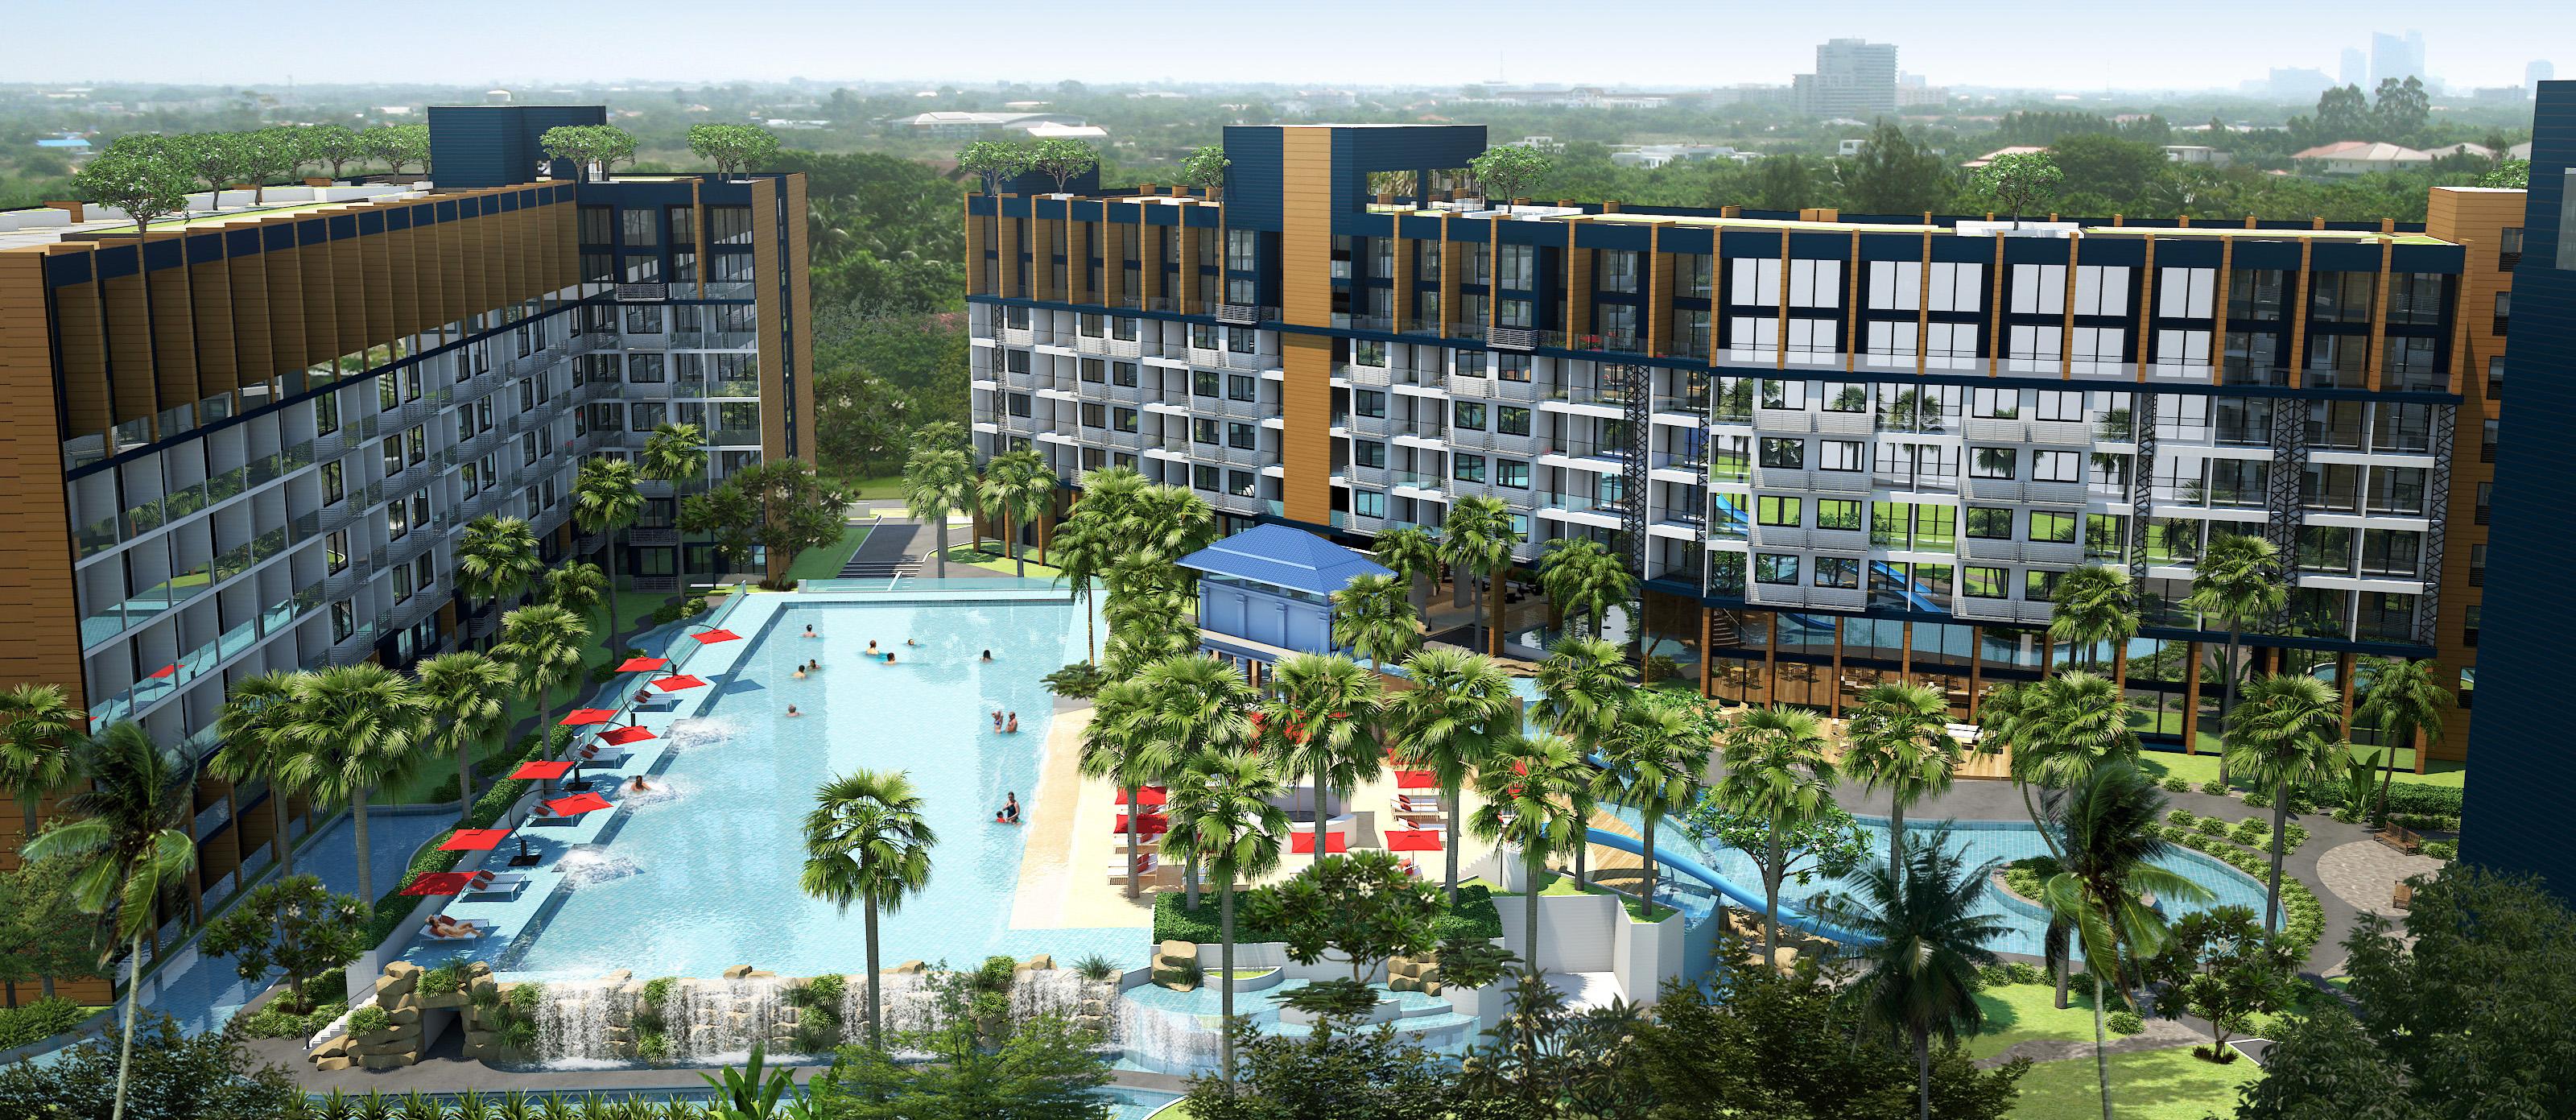 泰国芭提雅laguna beach resort 2 ,泰国海外房产信息